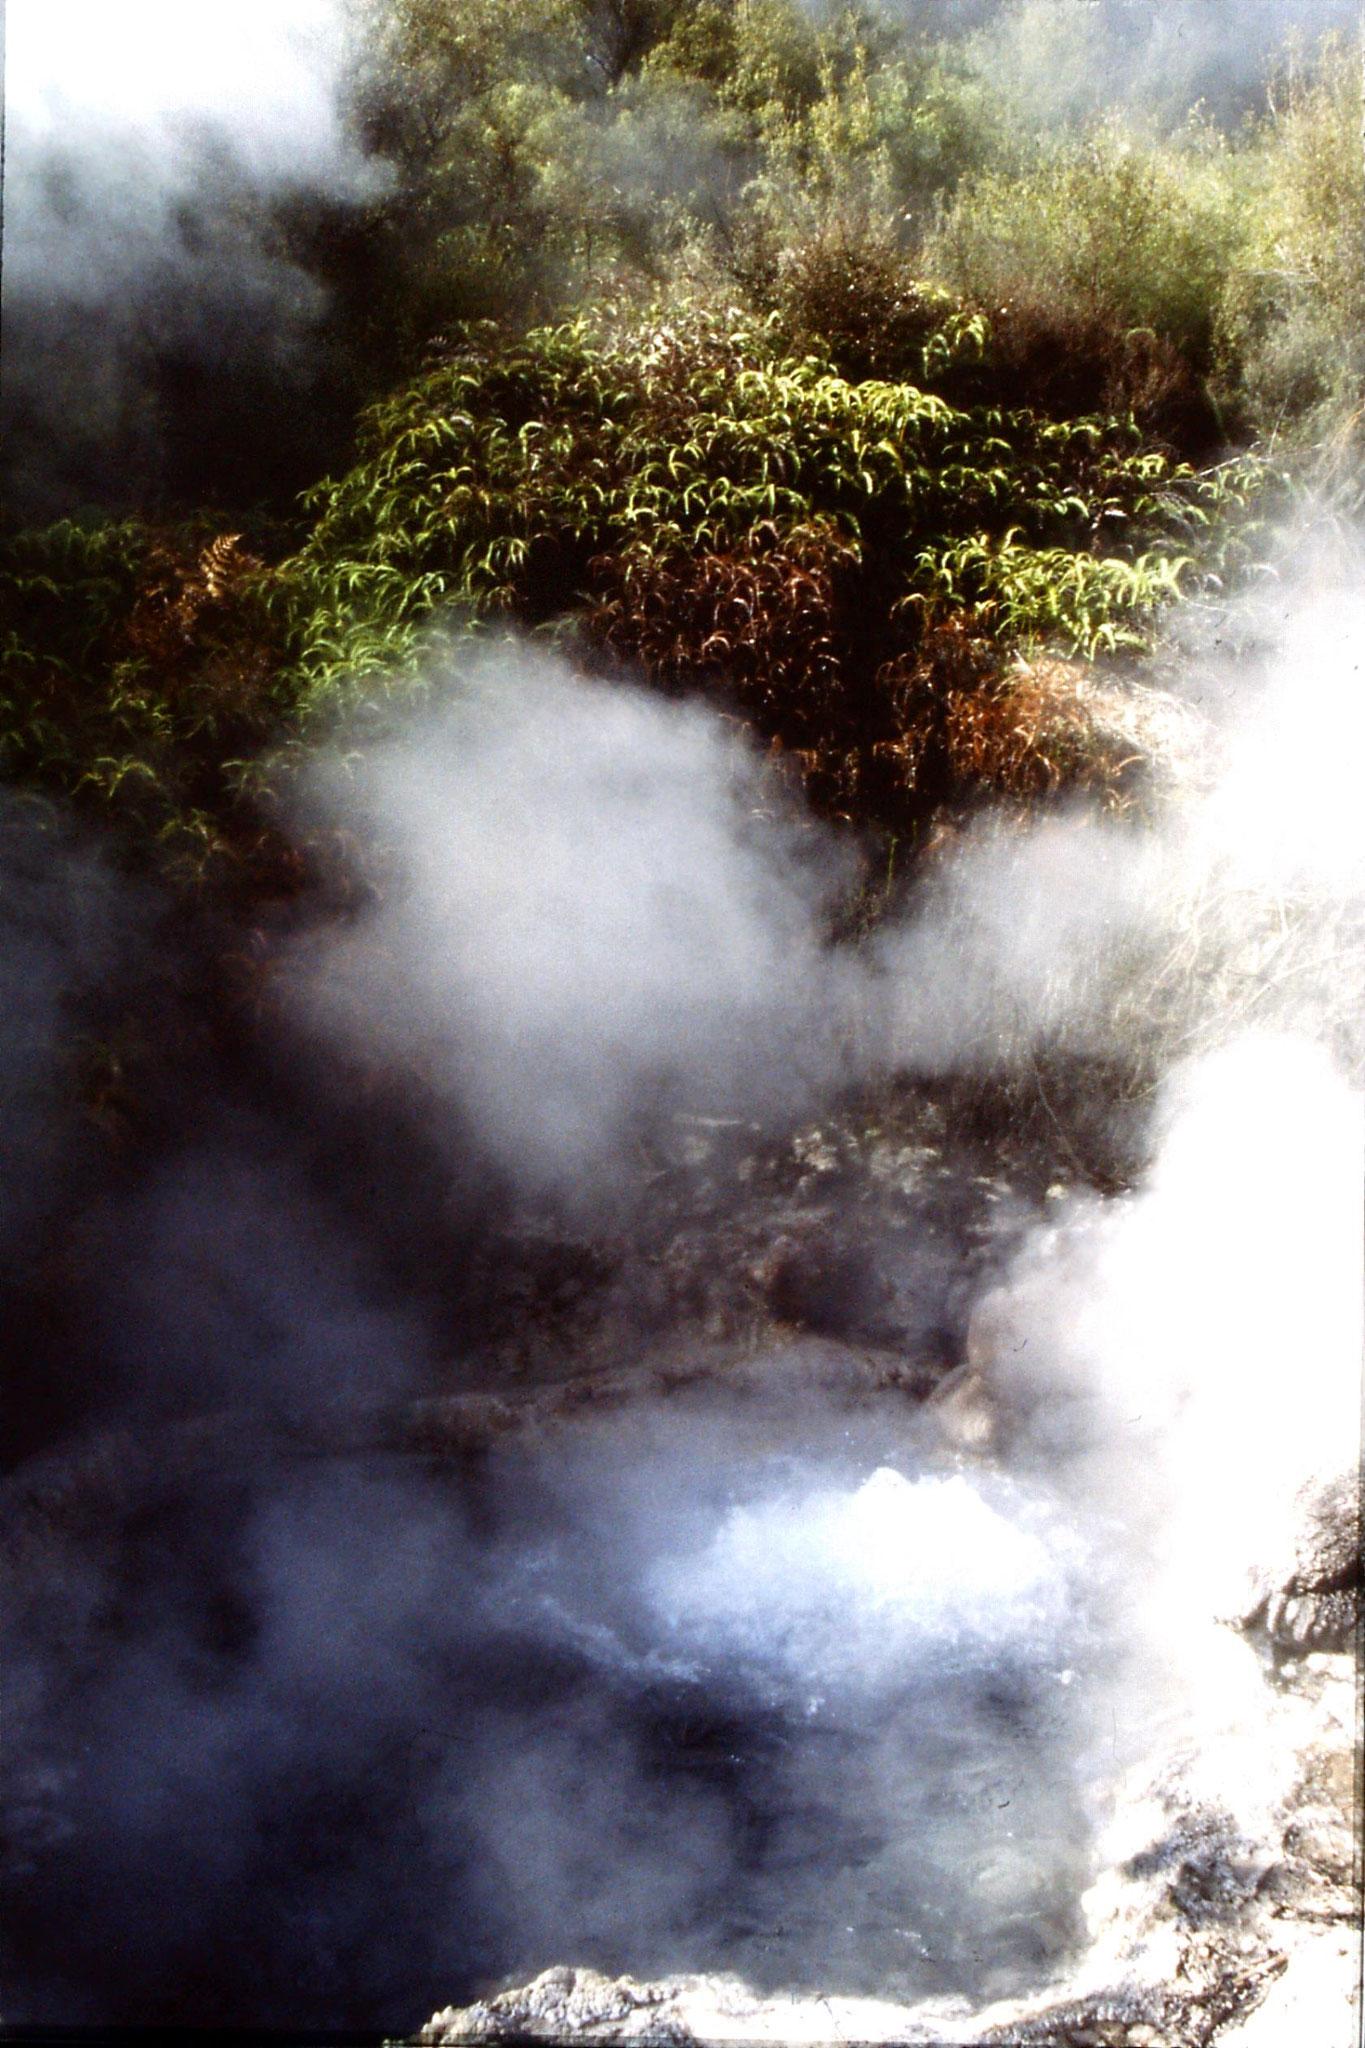 31/8/1990: 23: Orakeikorako soda fountain